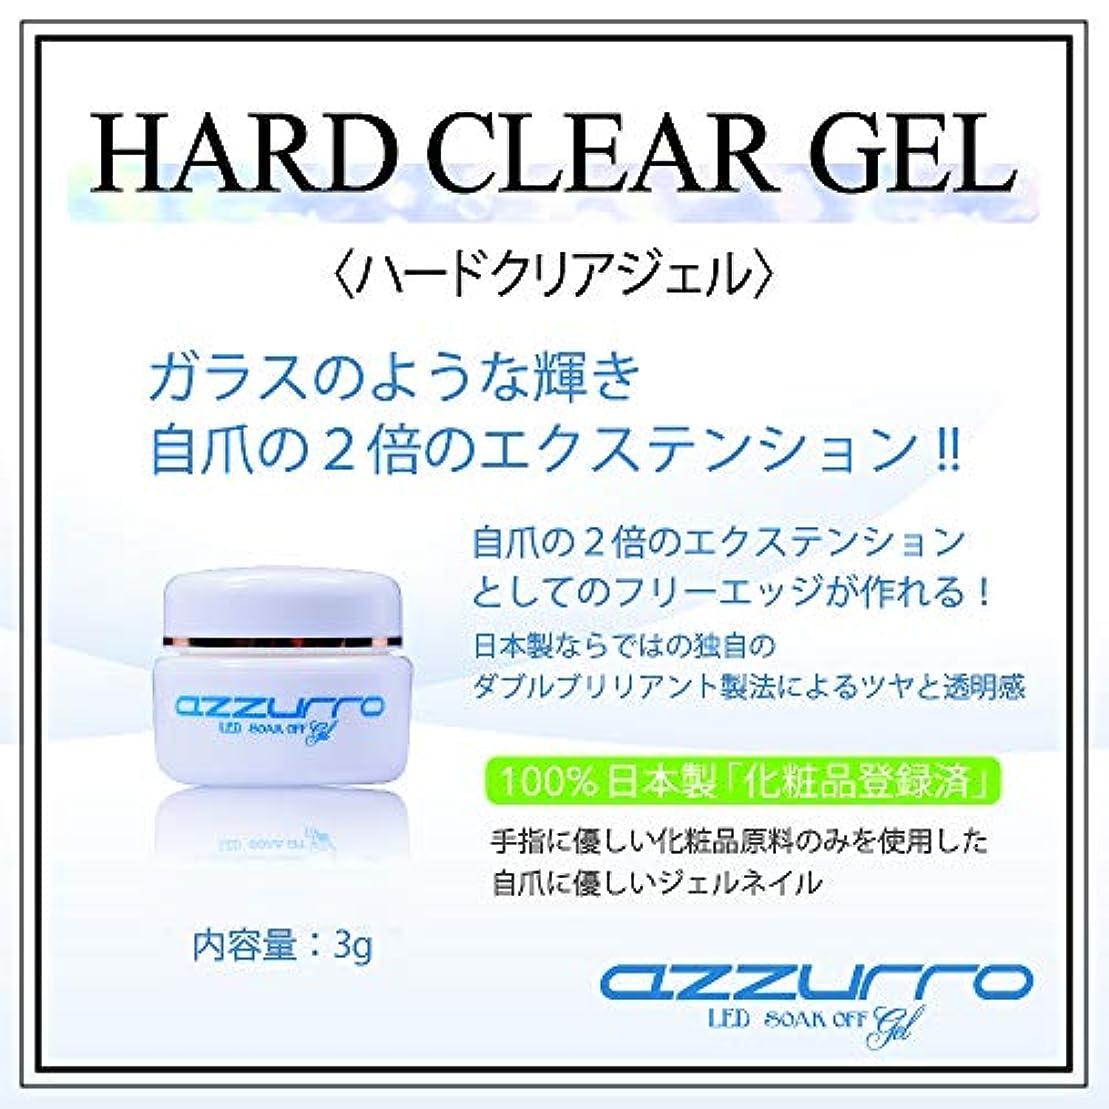 望み真空インタラクションazzurro gel アッズーロハードクリアージェル 3g ツヤツヤ キラキラ感持続 抜群のツヤ